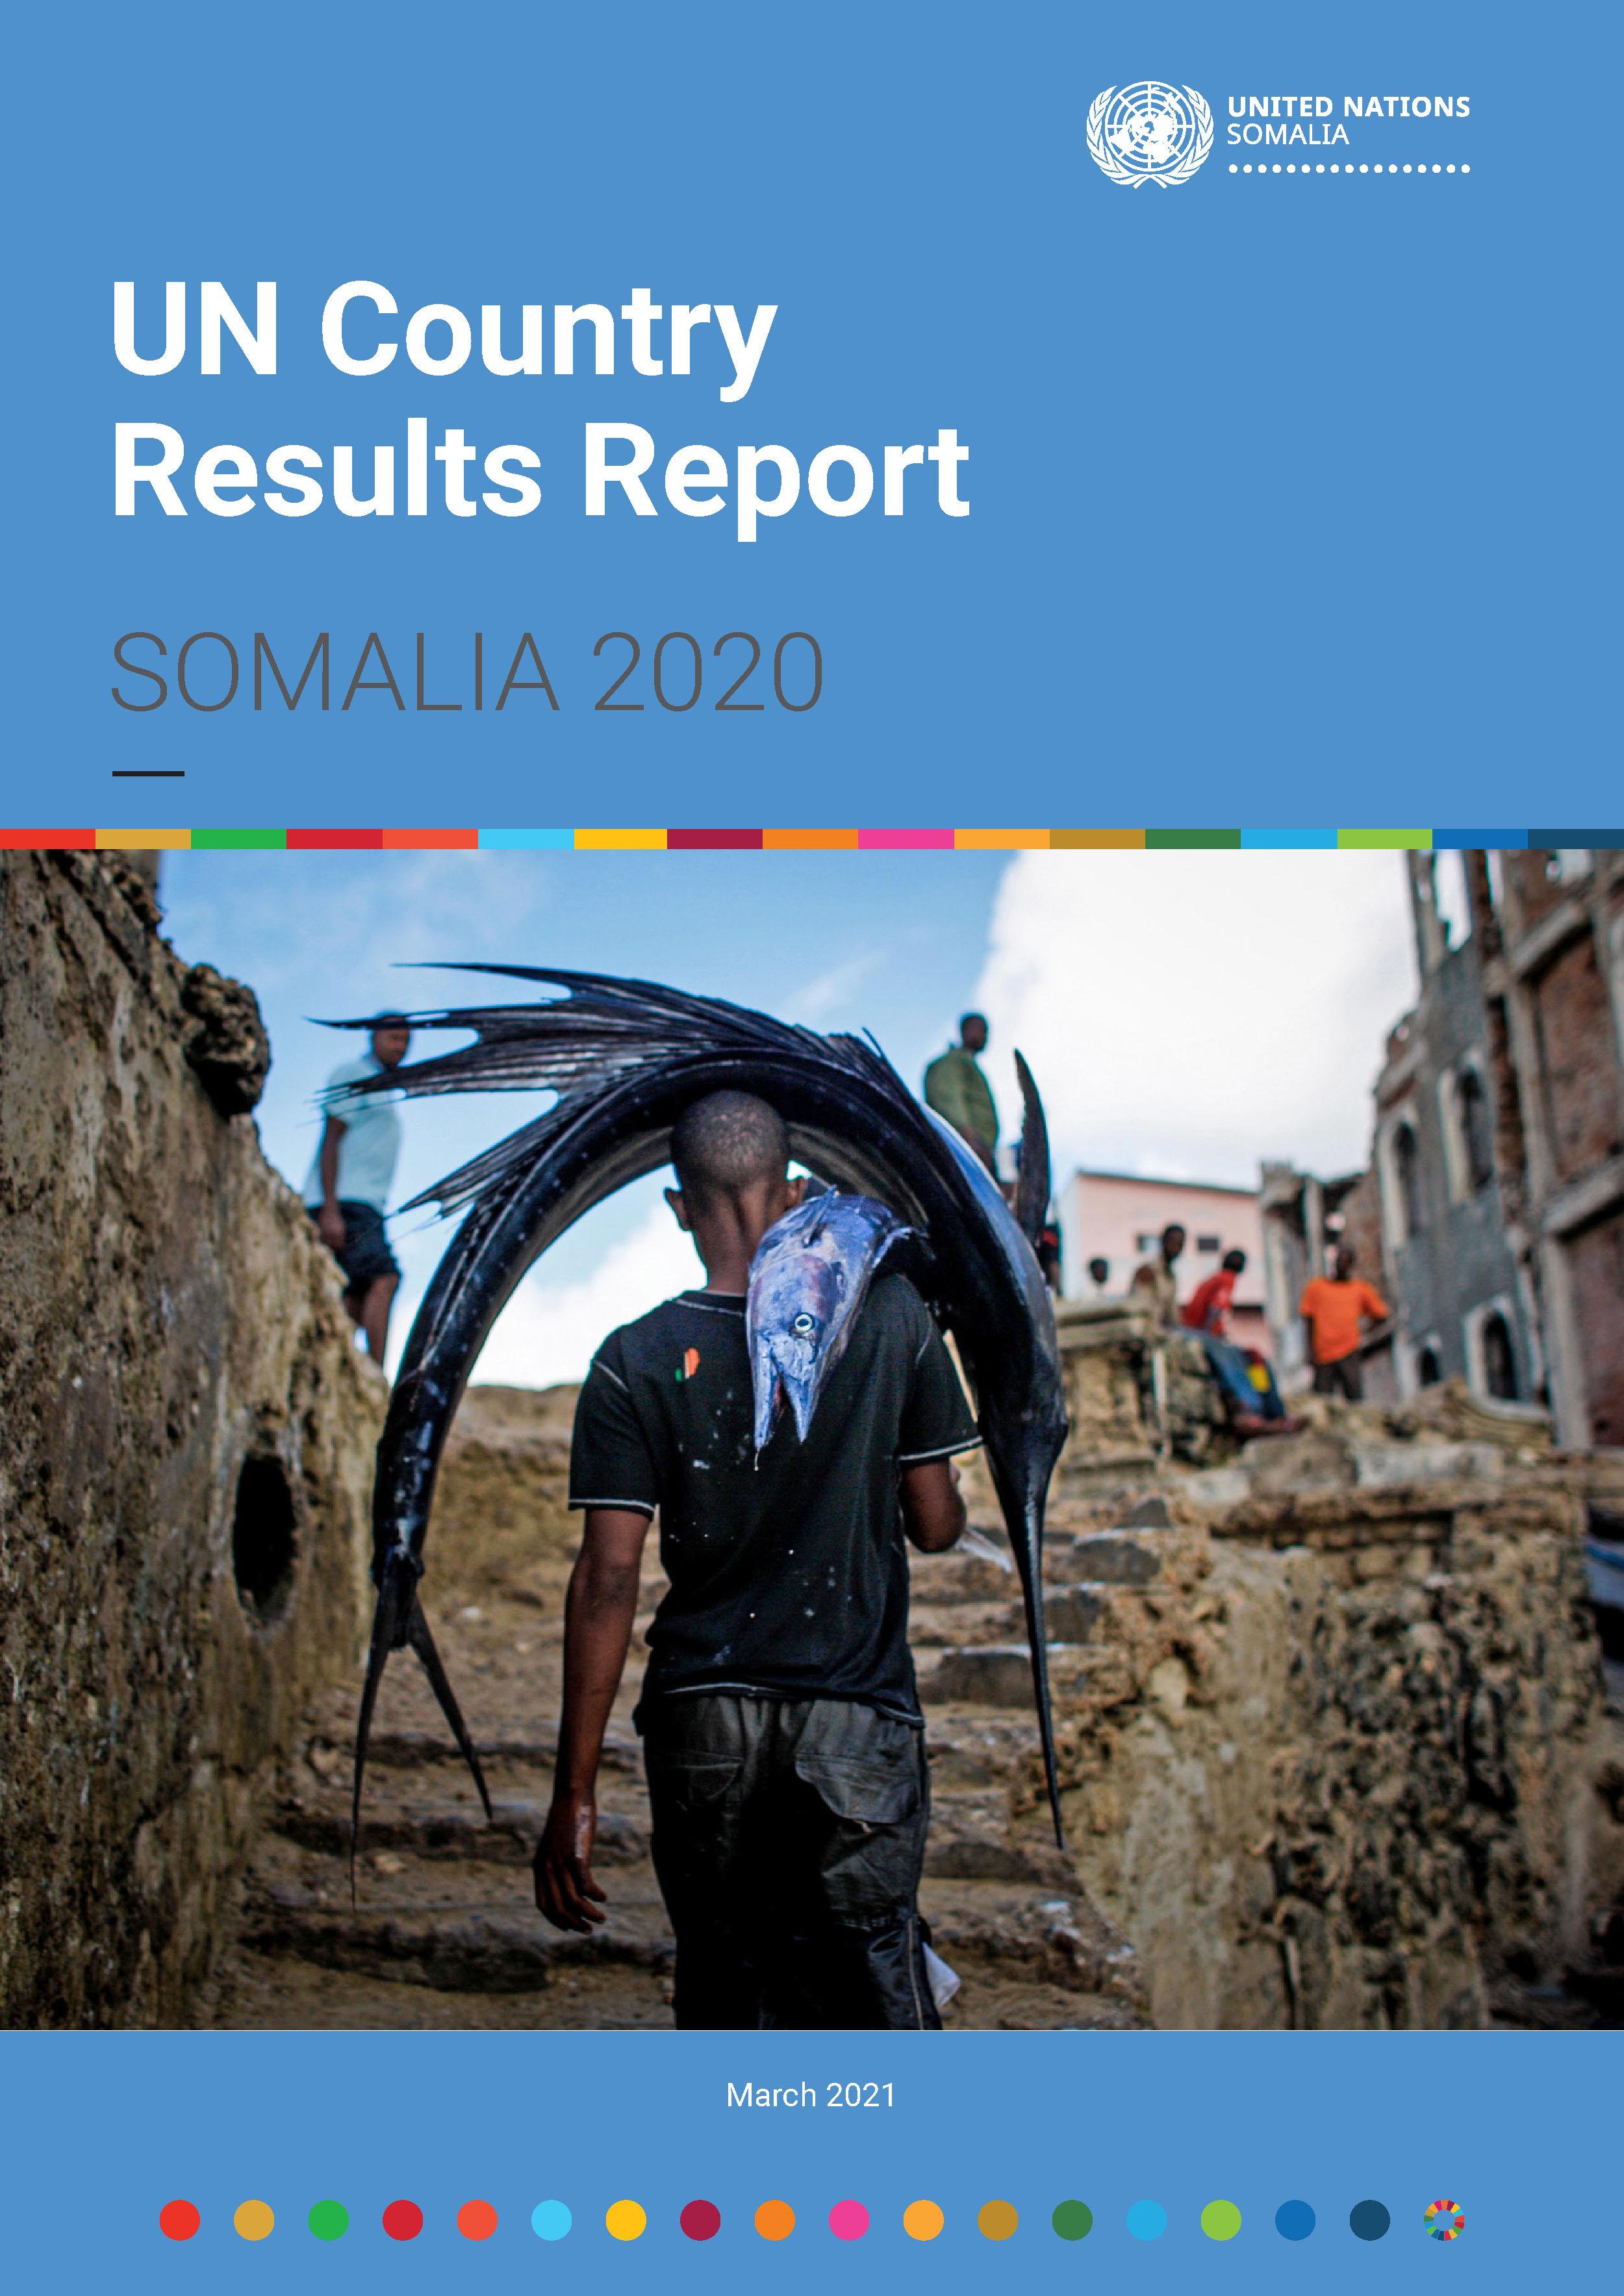 UN Somalia Country Results Report 2020